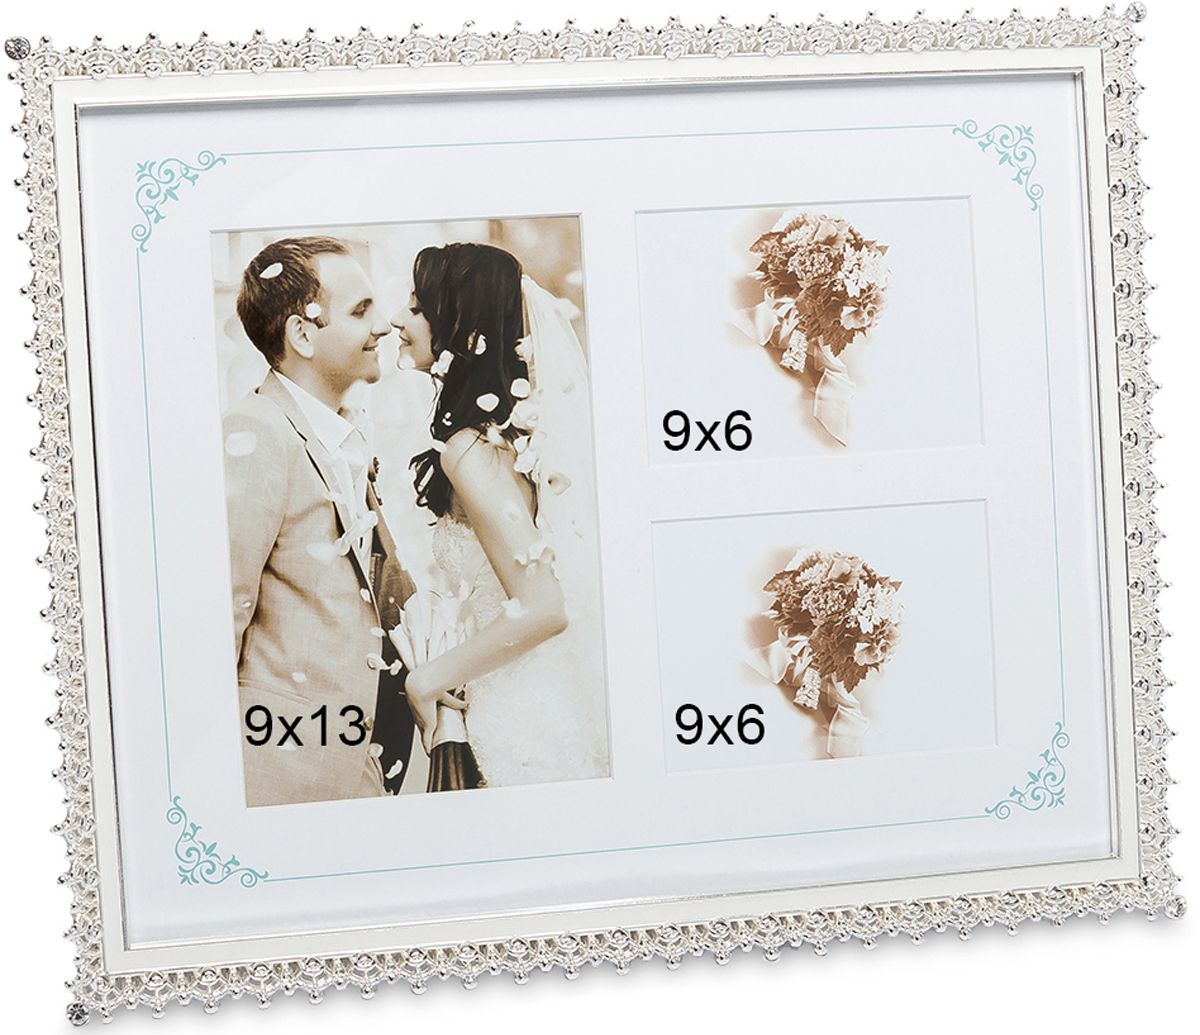 Фоторамка Bellezza Casa Мгновения любви, на 3 фото: 9х13, 9х6. CHK-172CHK-172Фоторамка для влюблённых изготовлена из фарфора и текстиля. На текстильной основе можно расположить до трёх фото, сделав компактную и красивую фотоподборку на память. Одна или две фотографии также будут прекрасно смотреться в такой рамке. Блестящий фарфор создаёт стильный и оригинальный вид.Фоторамка для фотографий 9х13 и 9х6 см.